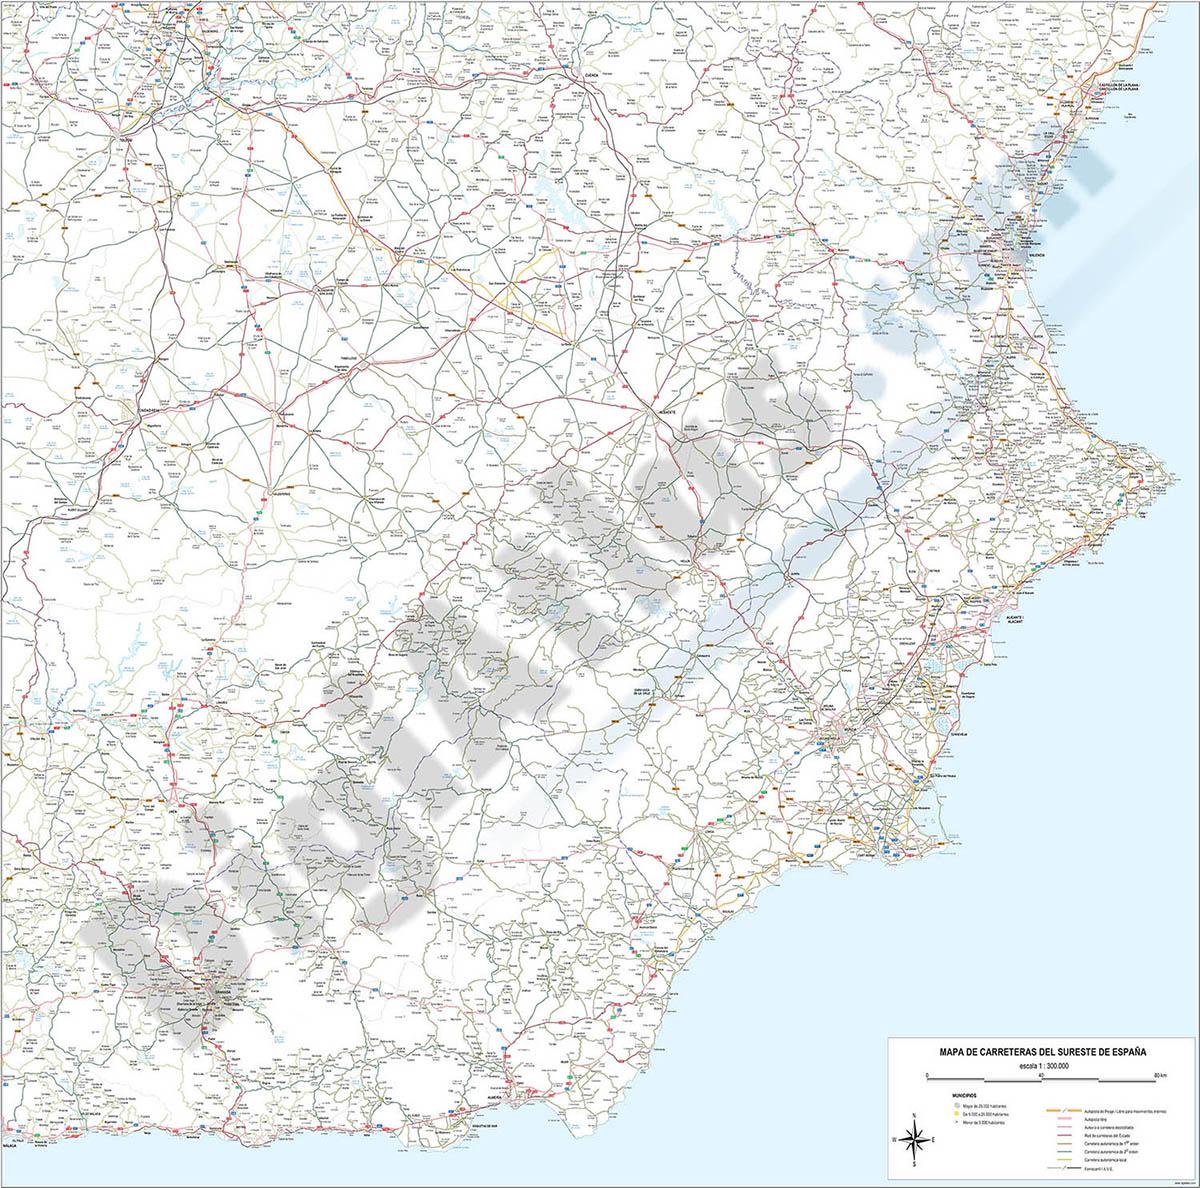 Mapa de carreteras y poblaciones del sureste de espaa